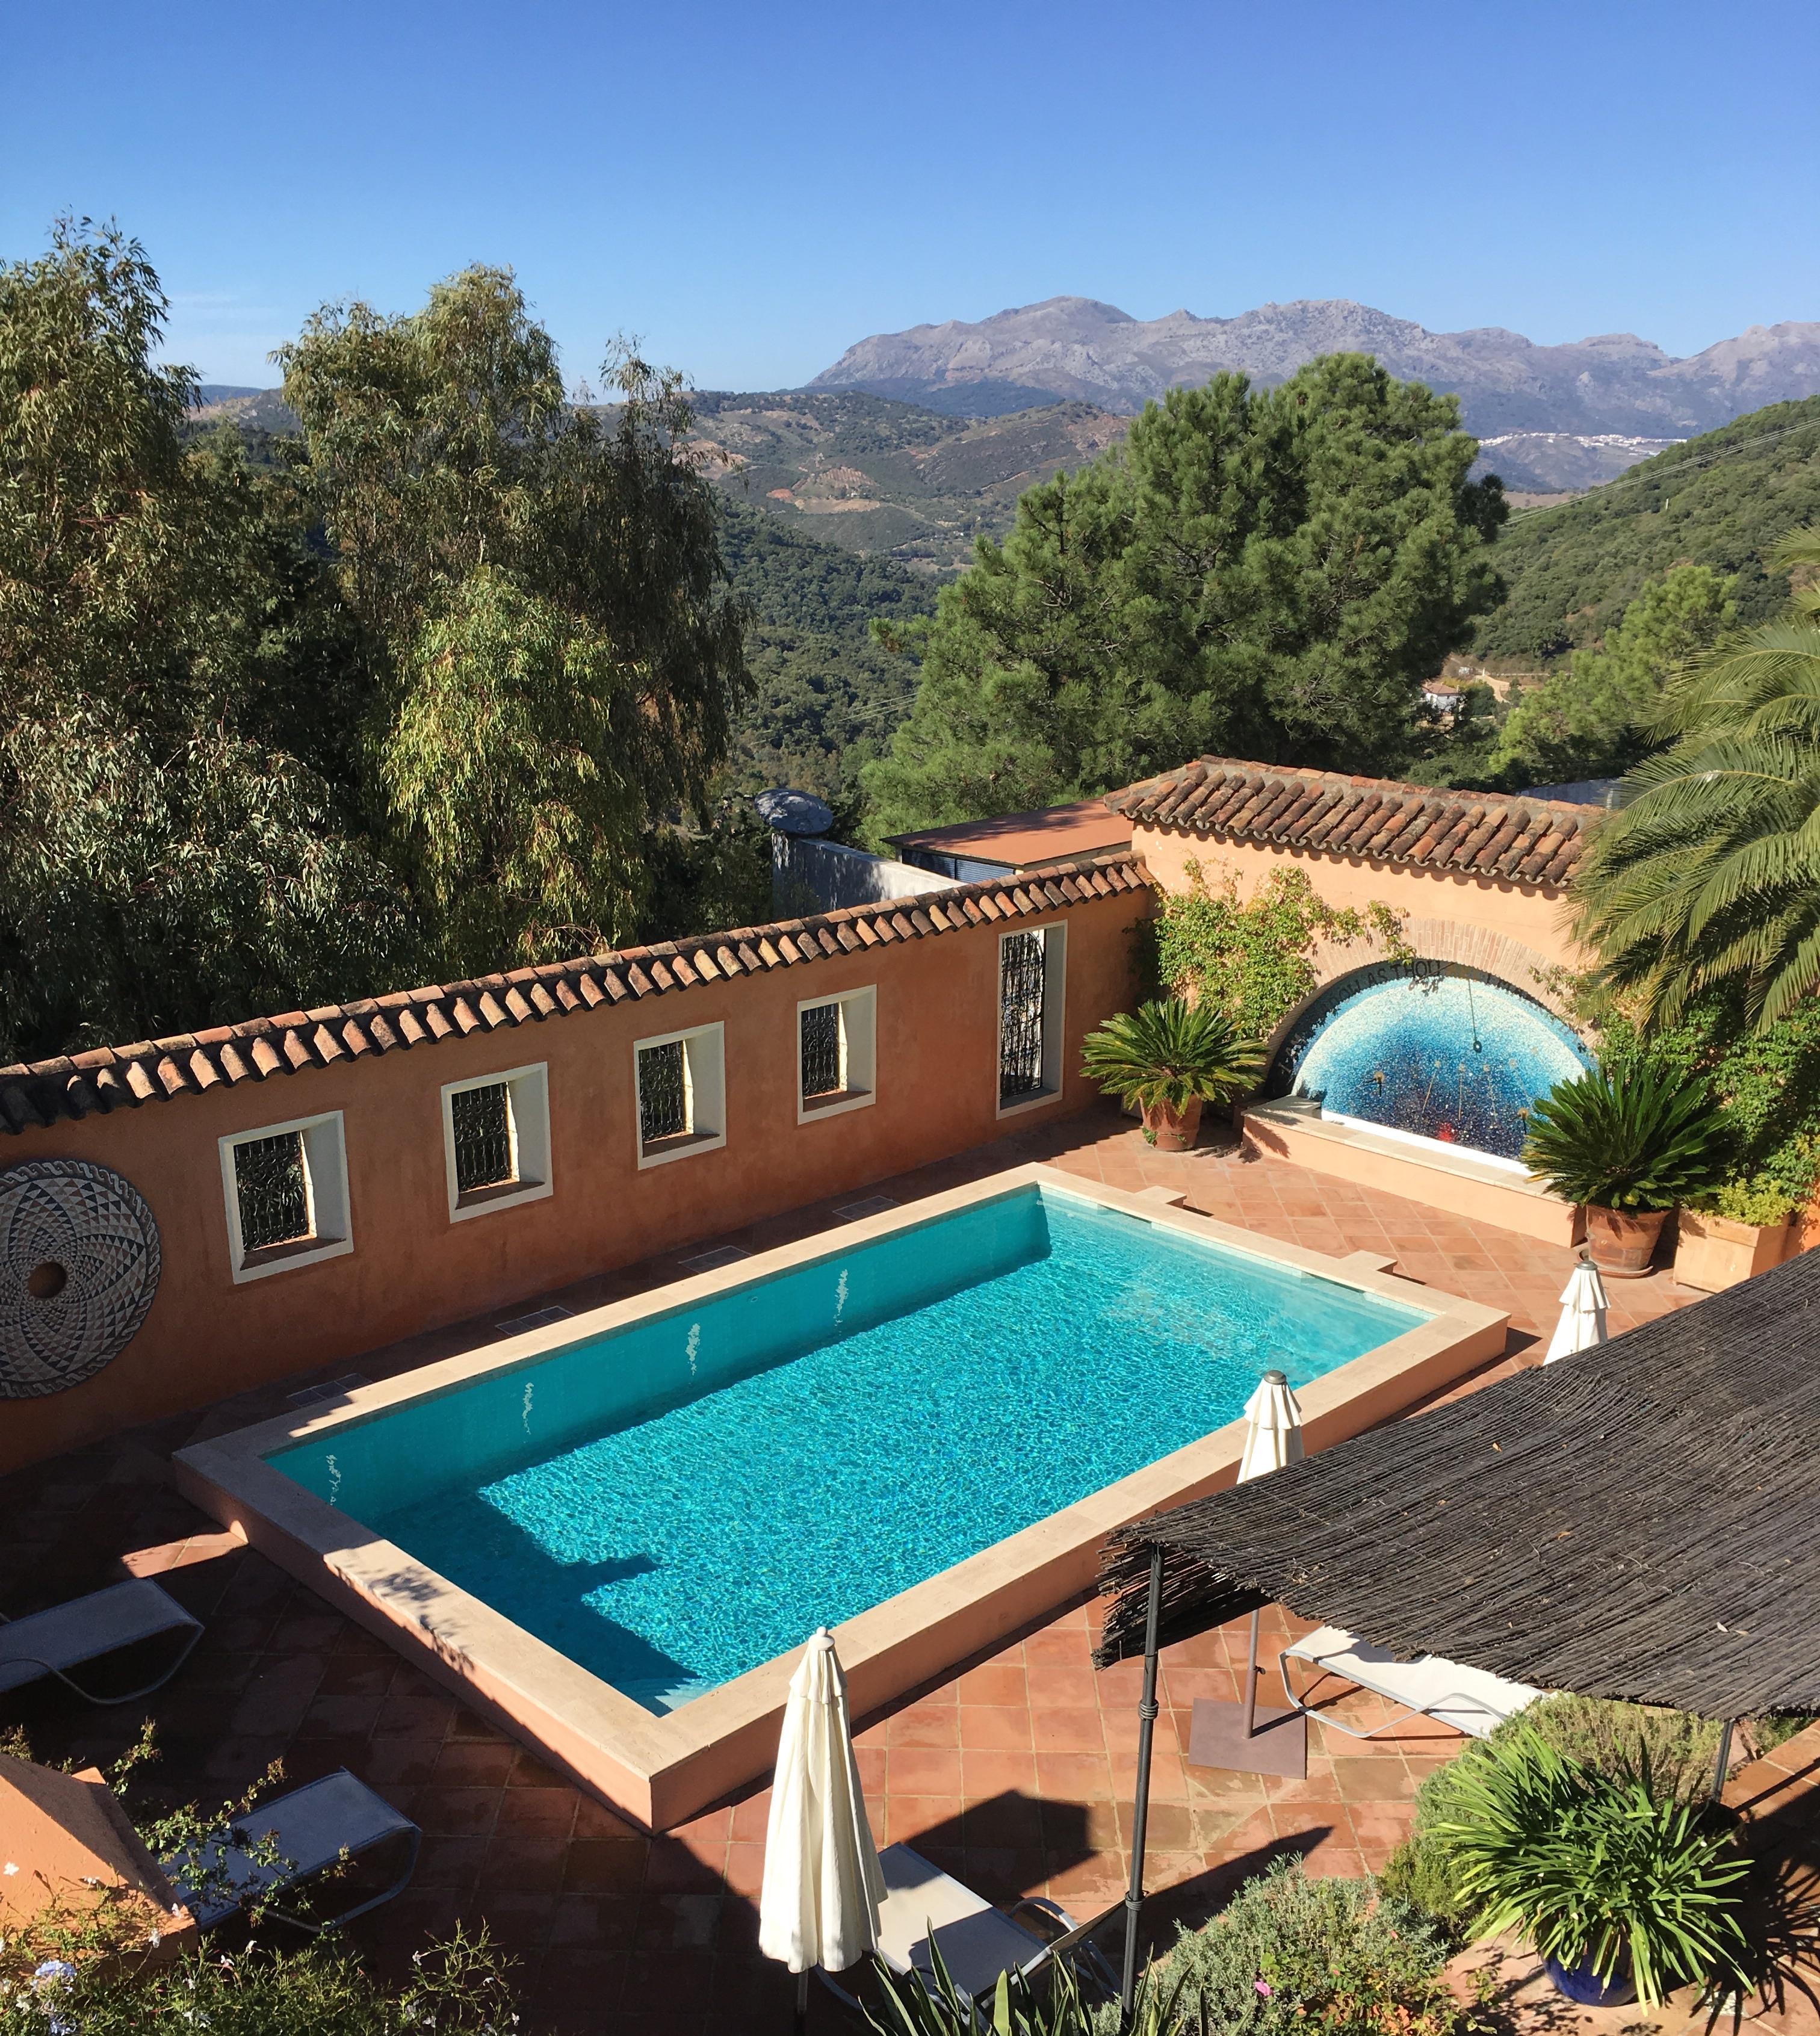 Pool at Casa Mosaica